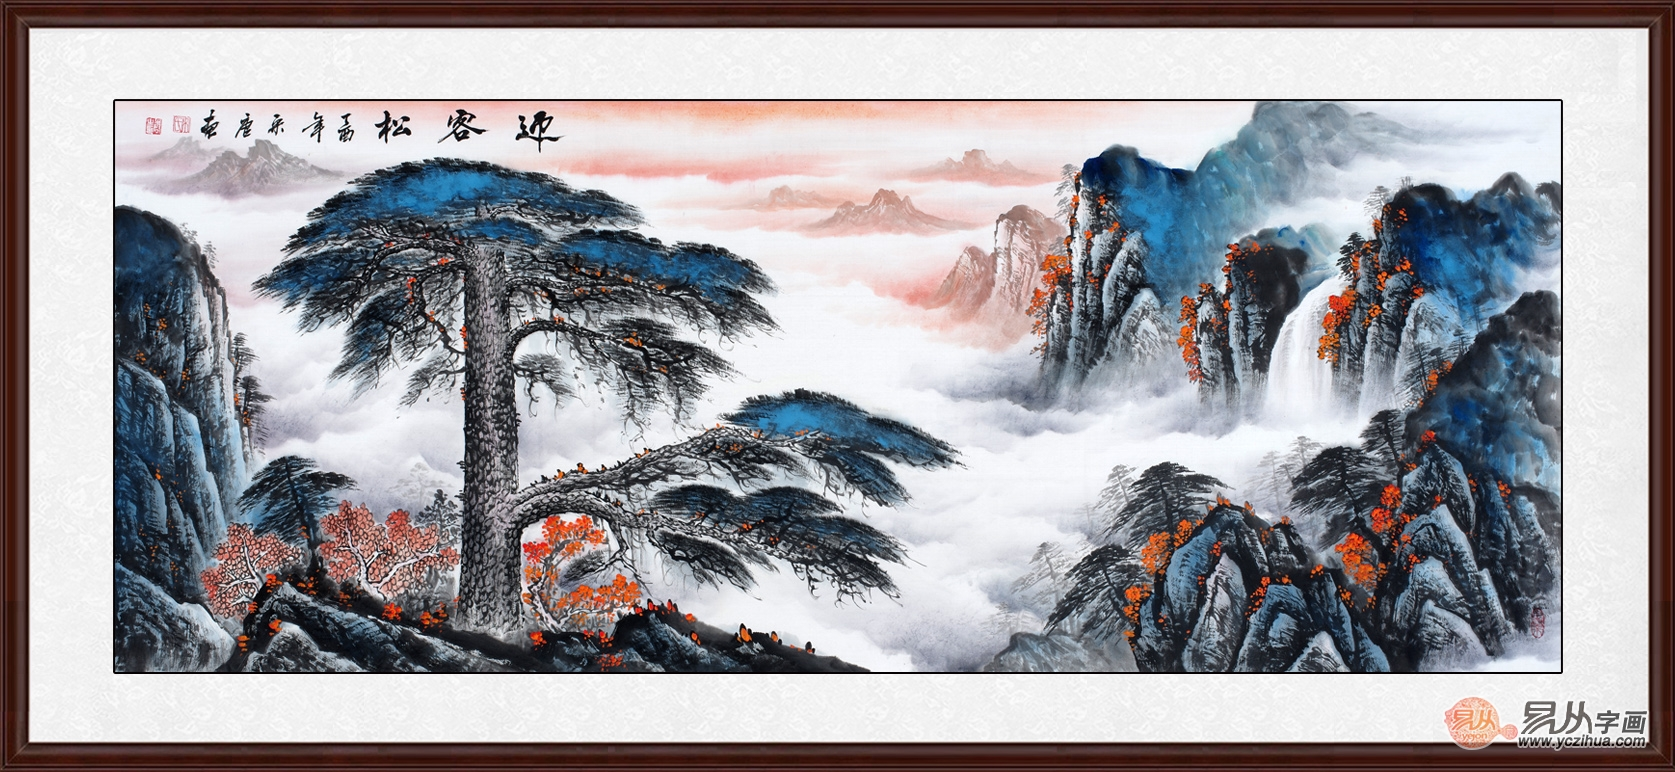 宋唐最新力作六尺横幅国画山水画作品《迎客松》